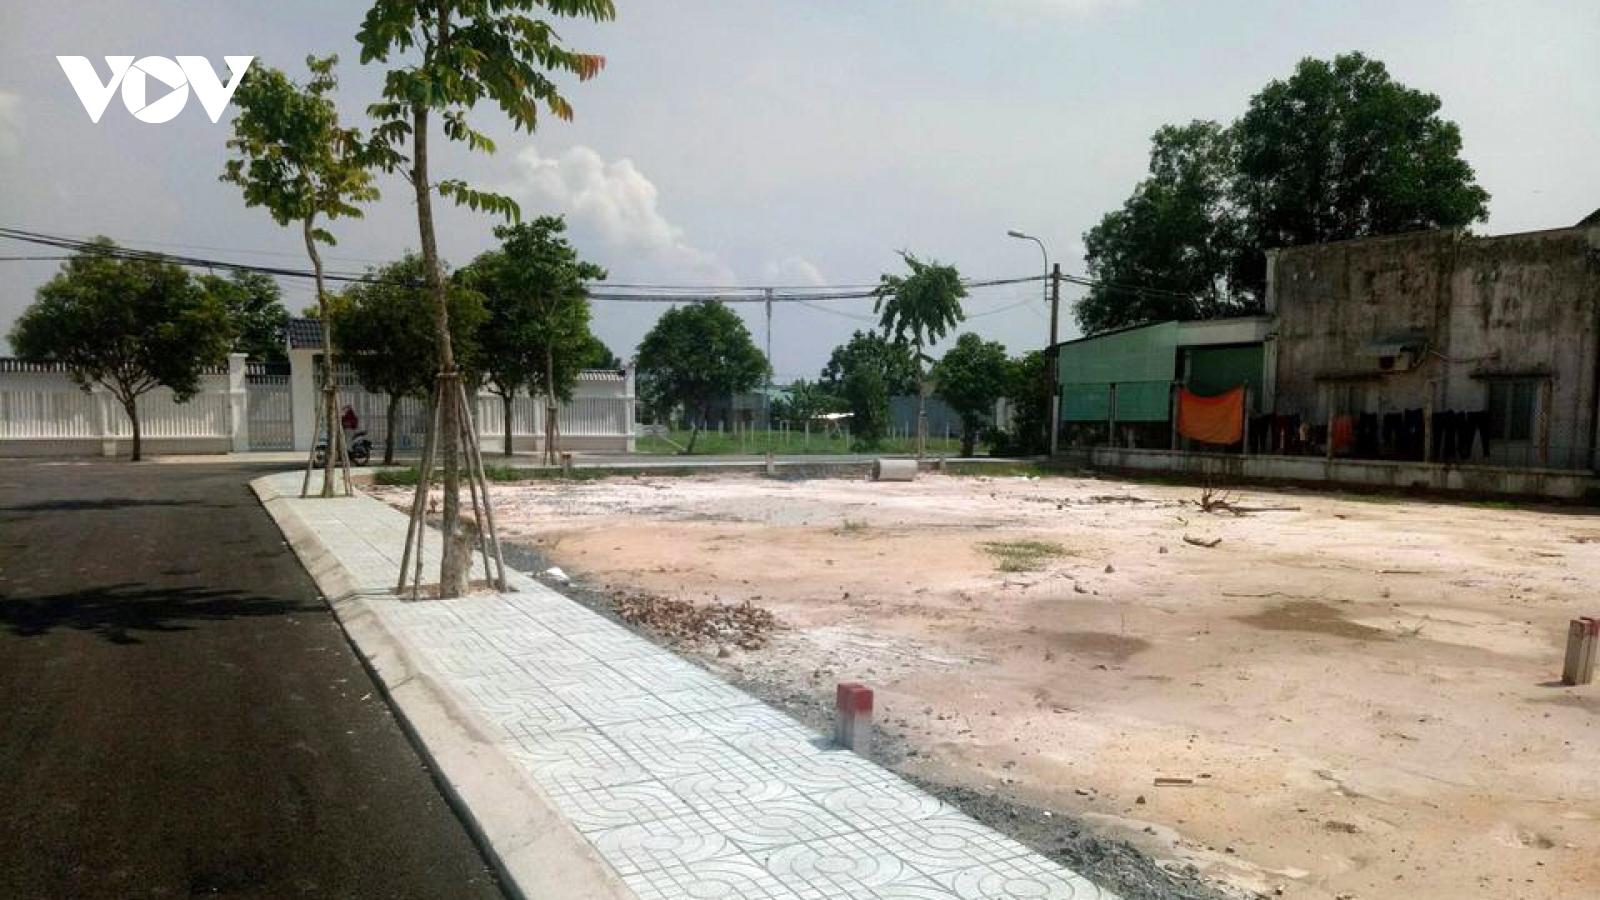 2.500 lô đất chưa được cấp phép đã chuyển nhượng tại dự án khu công nghiệp tỉnh Long An